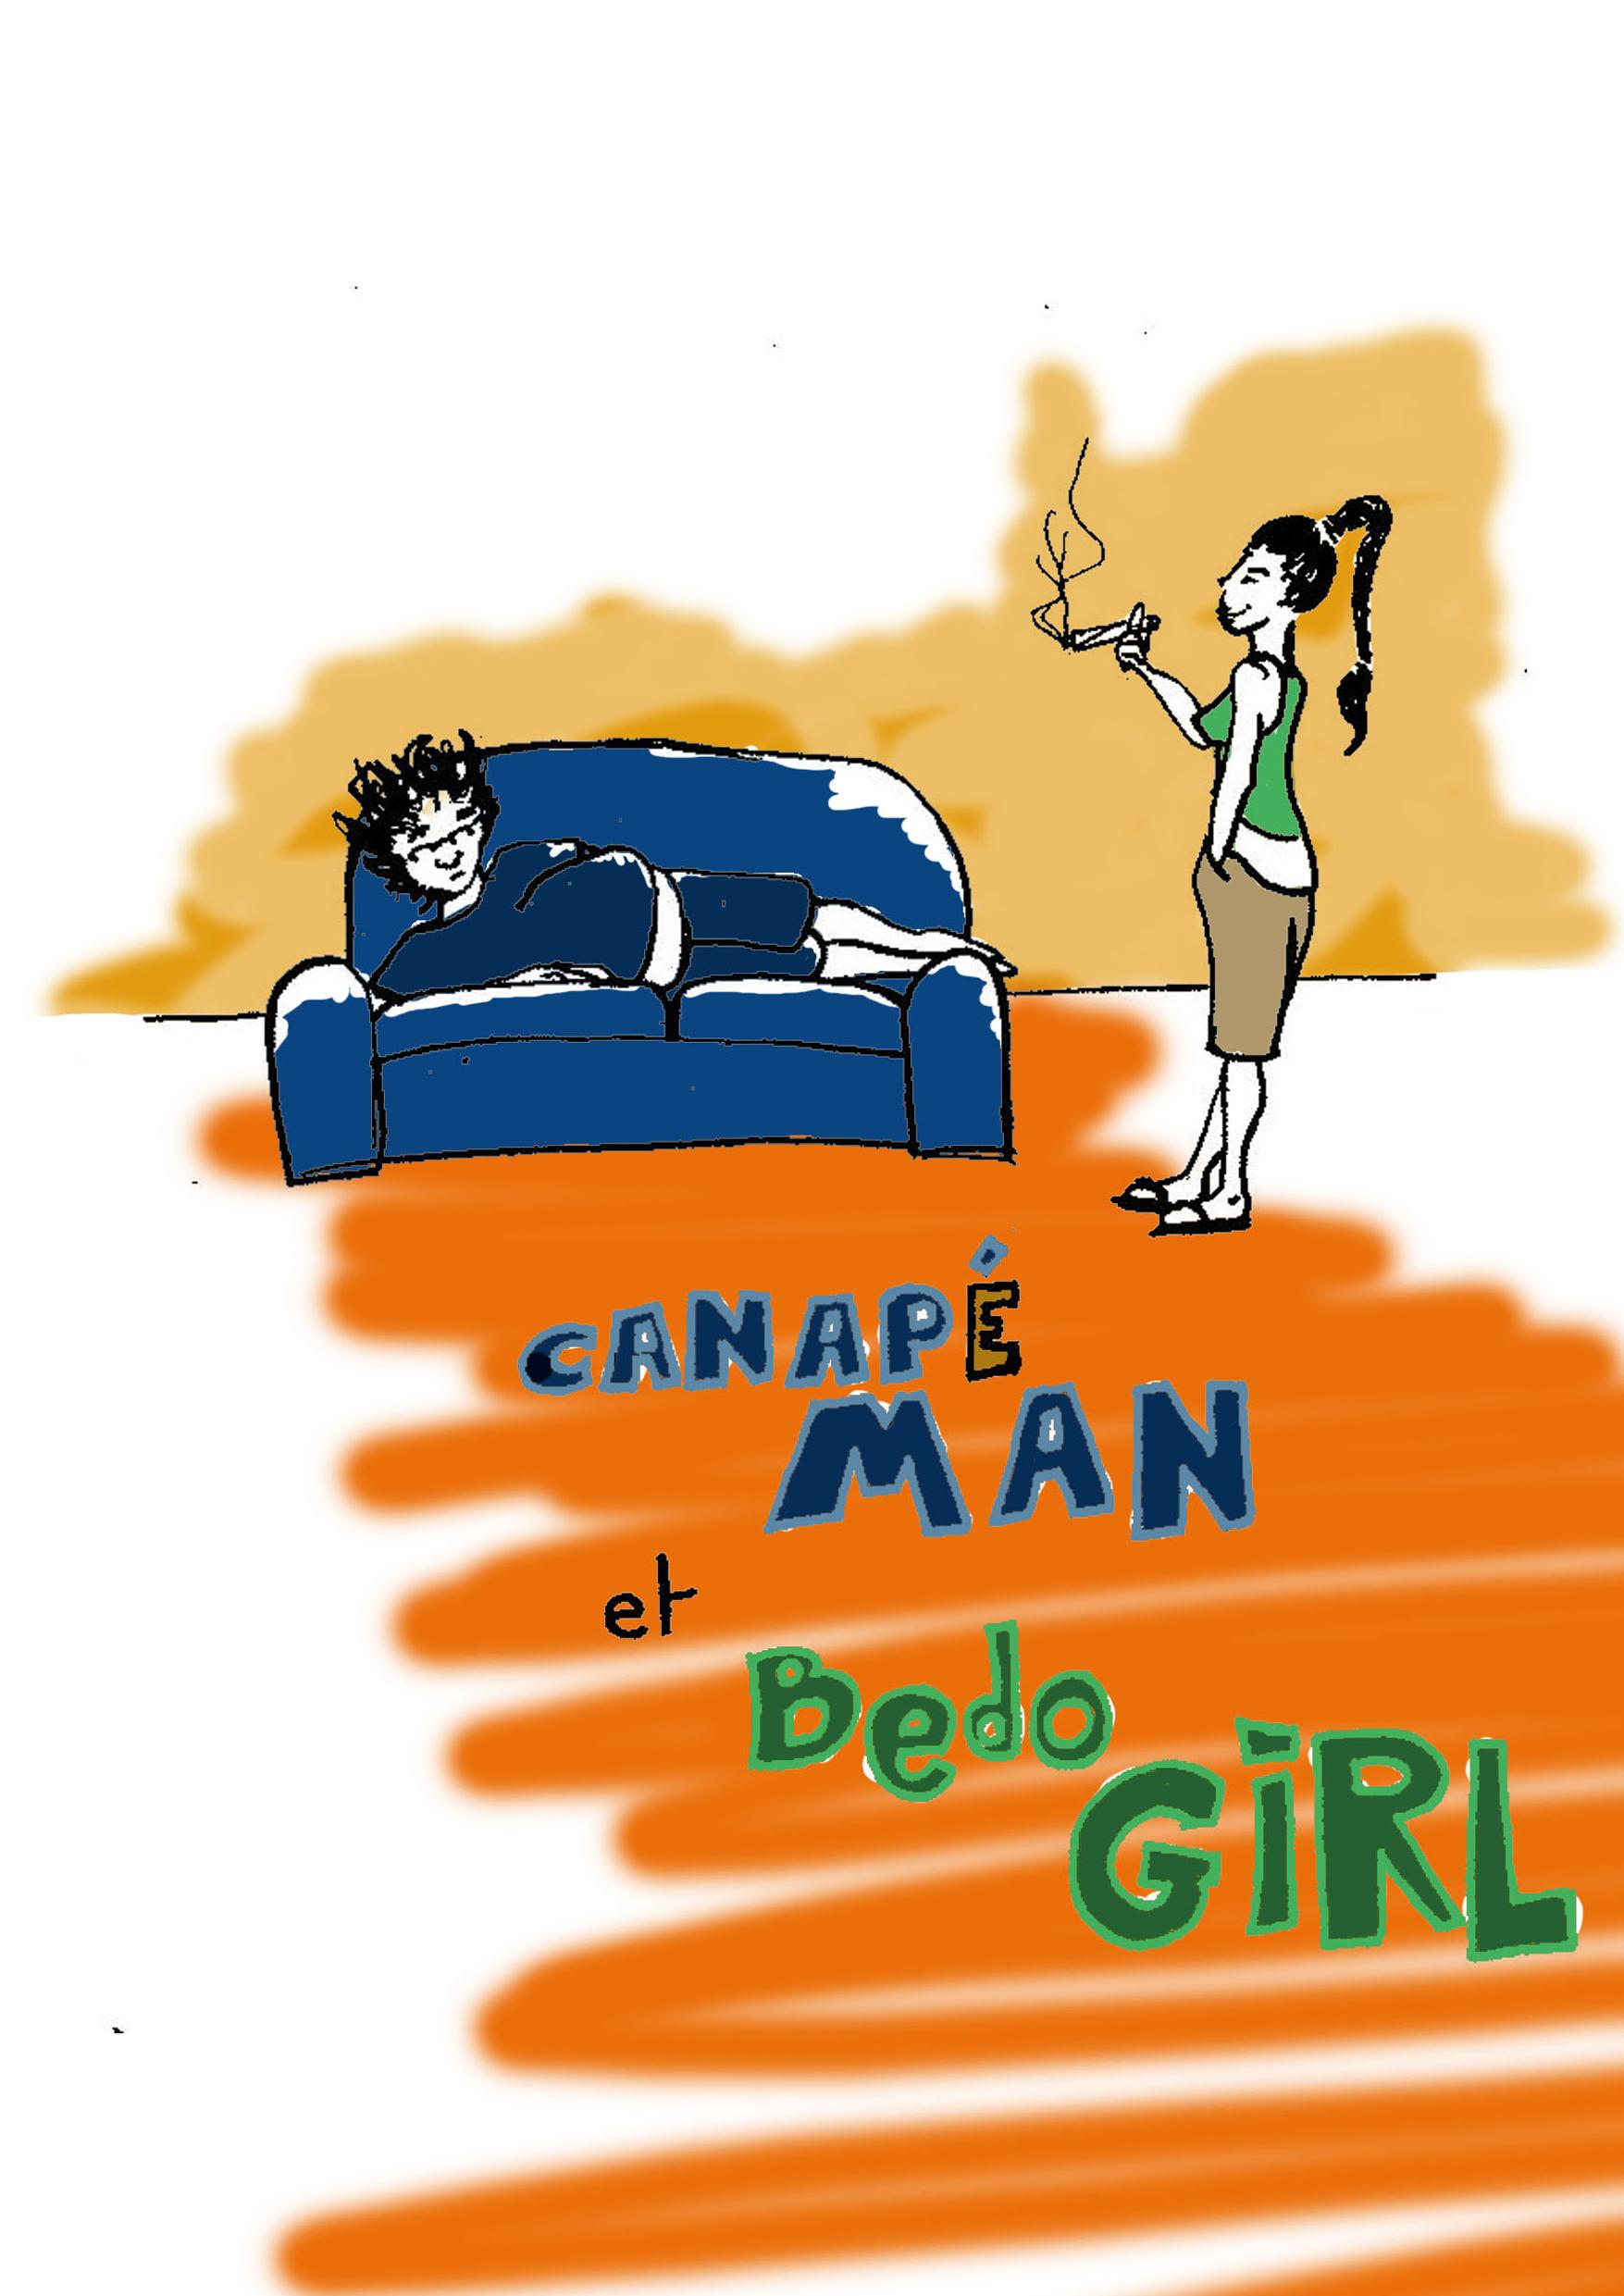 Canap'man et Bédogirl